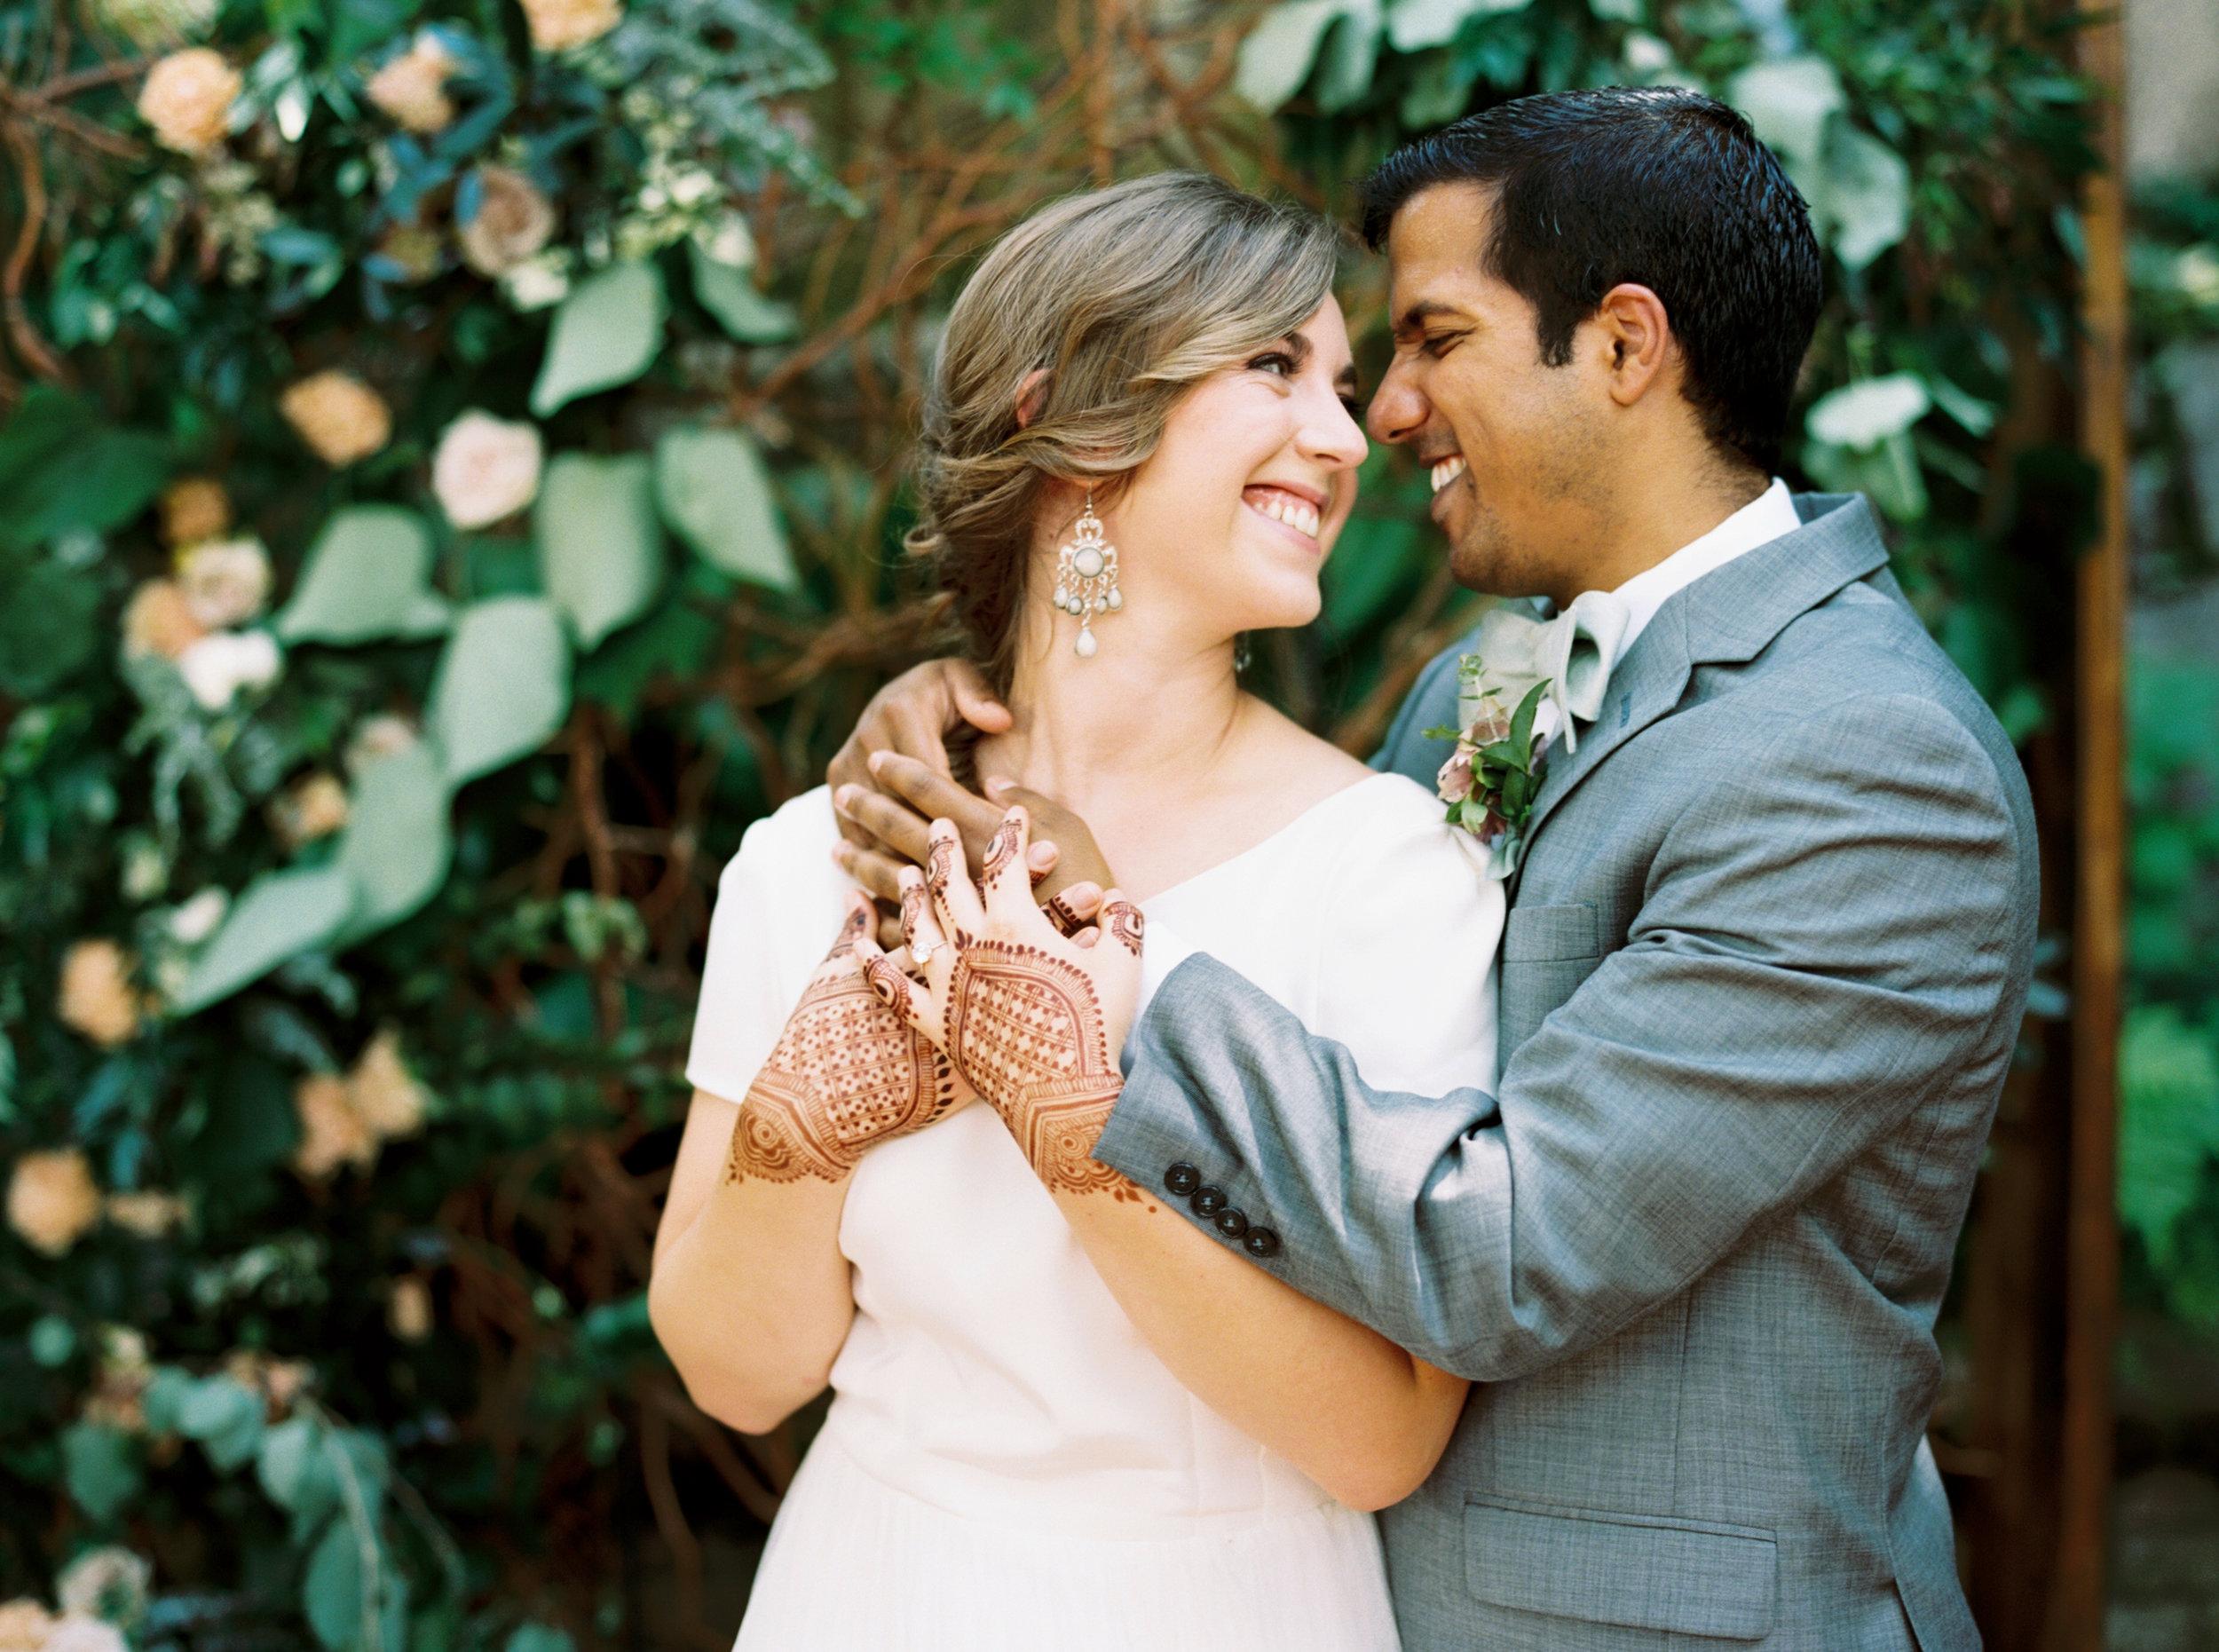 Wahoo_Grill_Atlanta_Indian_Wedding_Abigail_Malone_Photgoraphy_FIlm-83.jpg